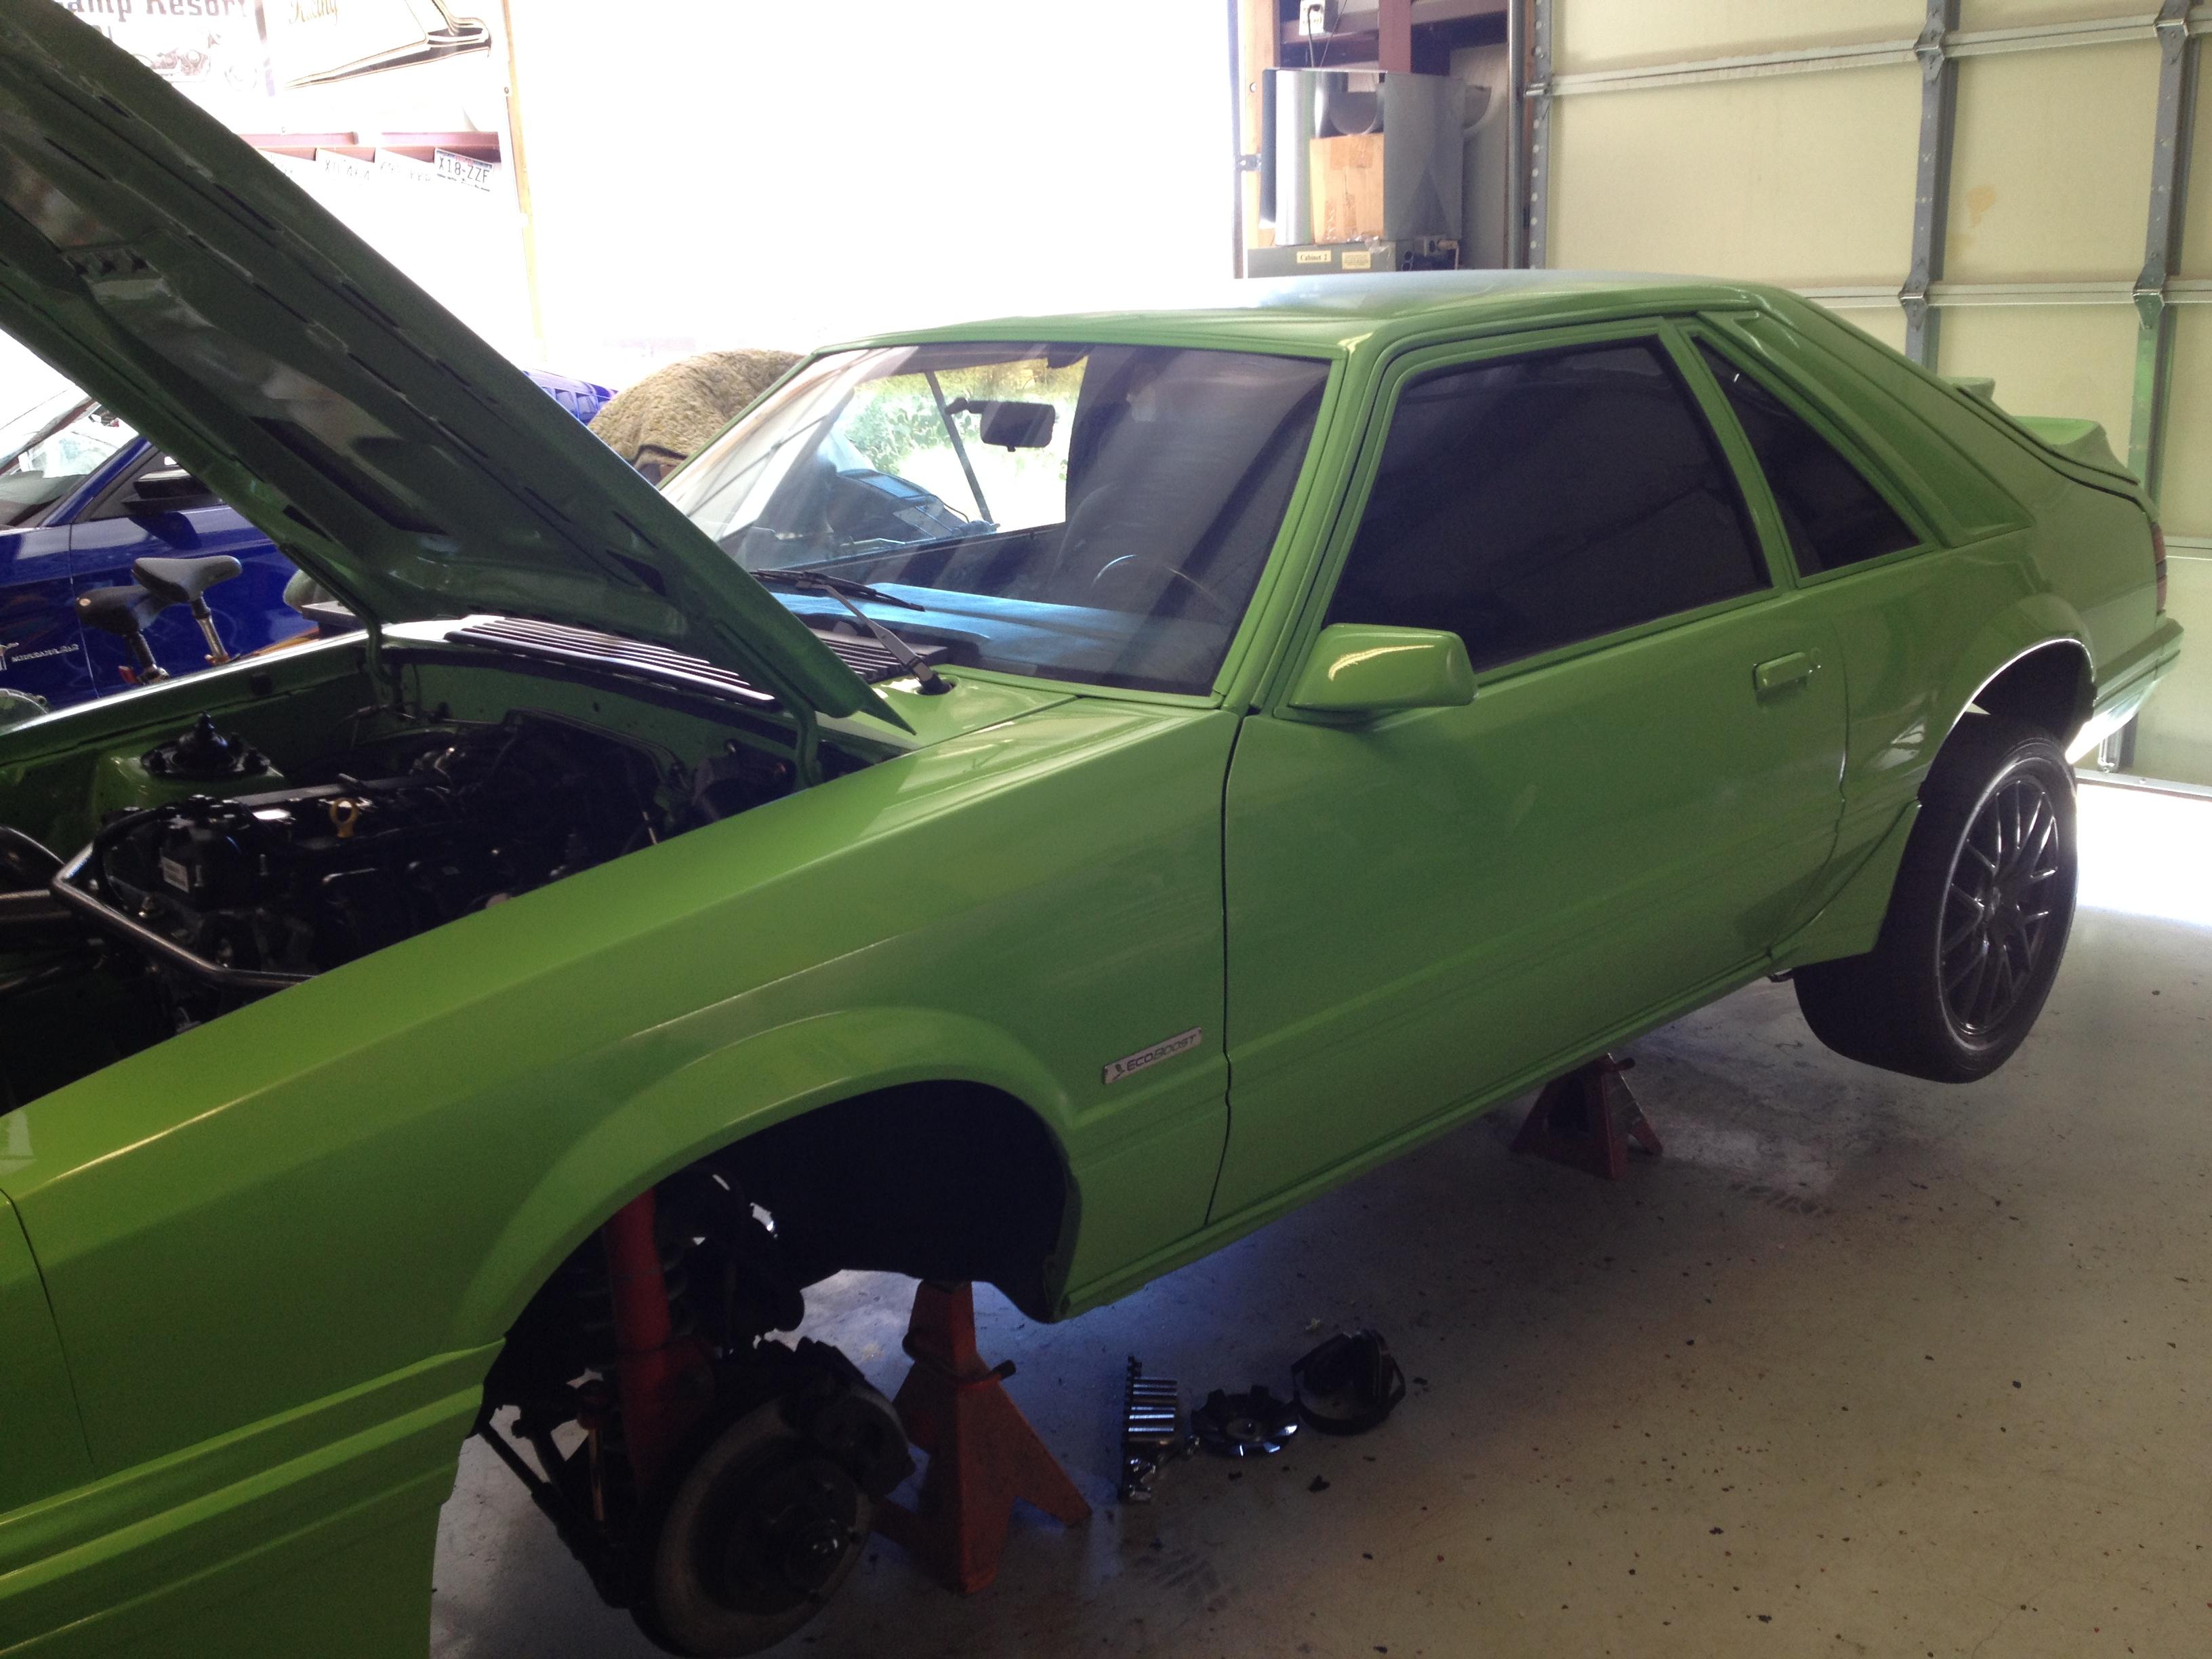 1986 Mustang Parts | eBay